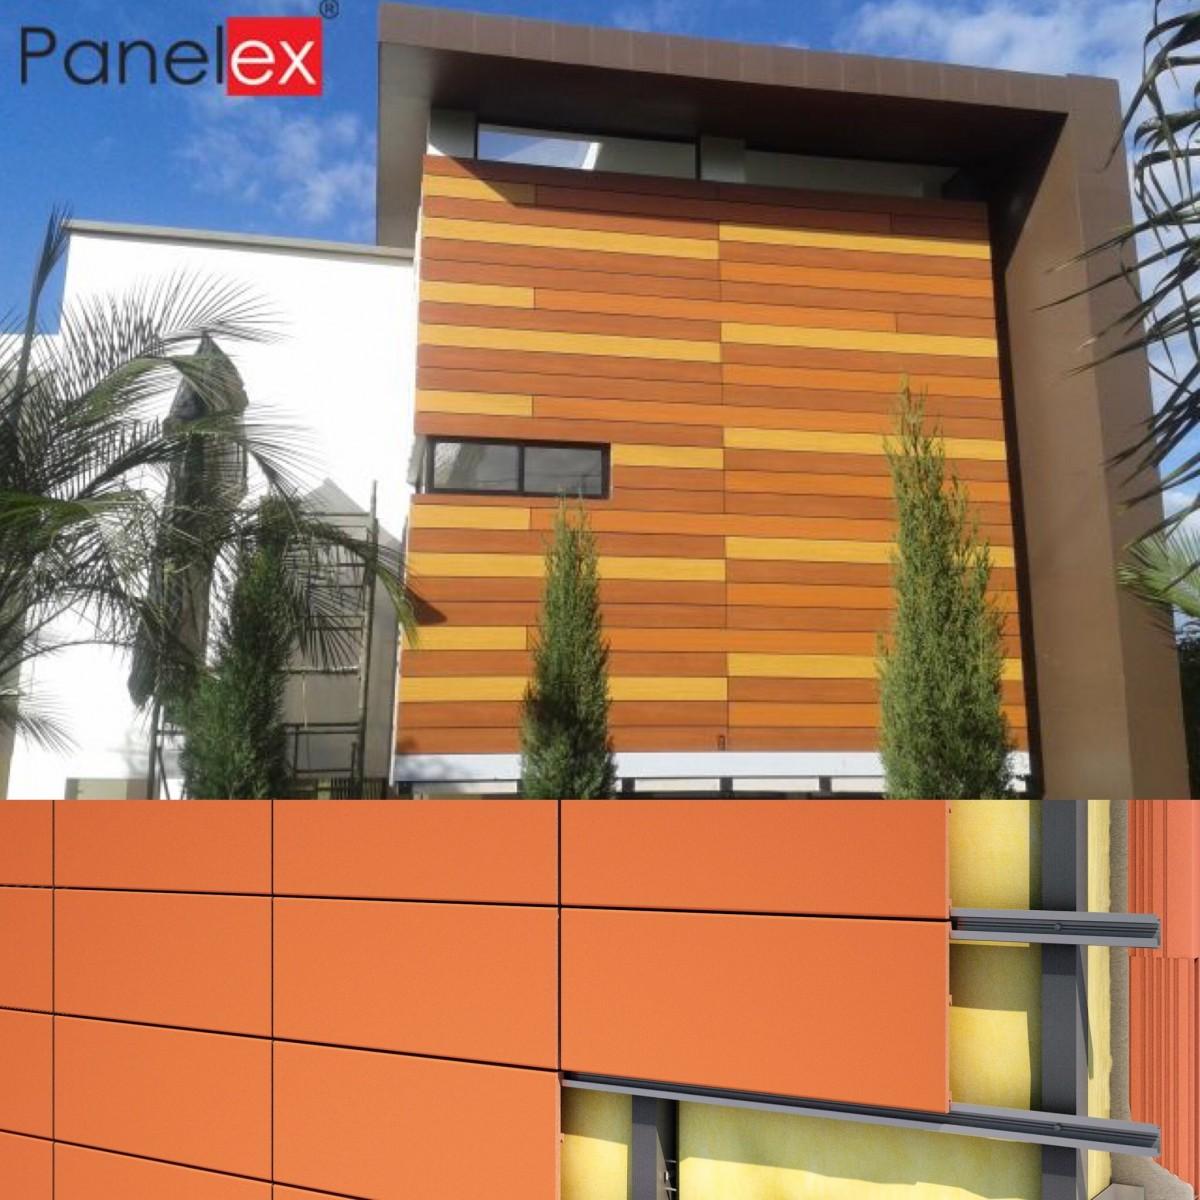 Revestimiento de fachadas panelex construyored - Revestimiento de fachadas ...